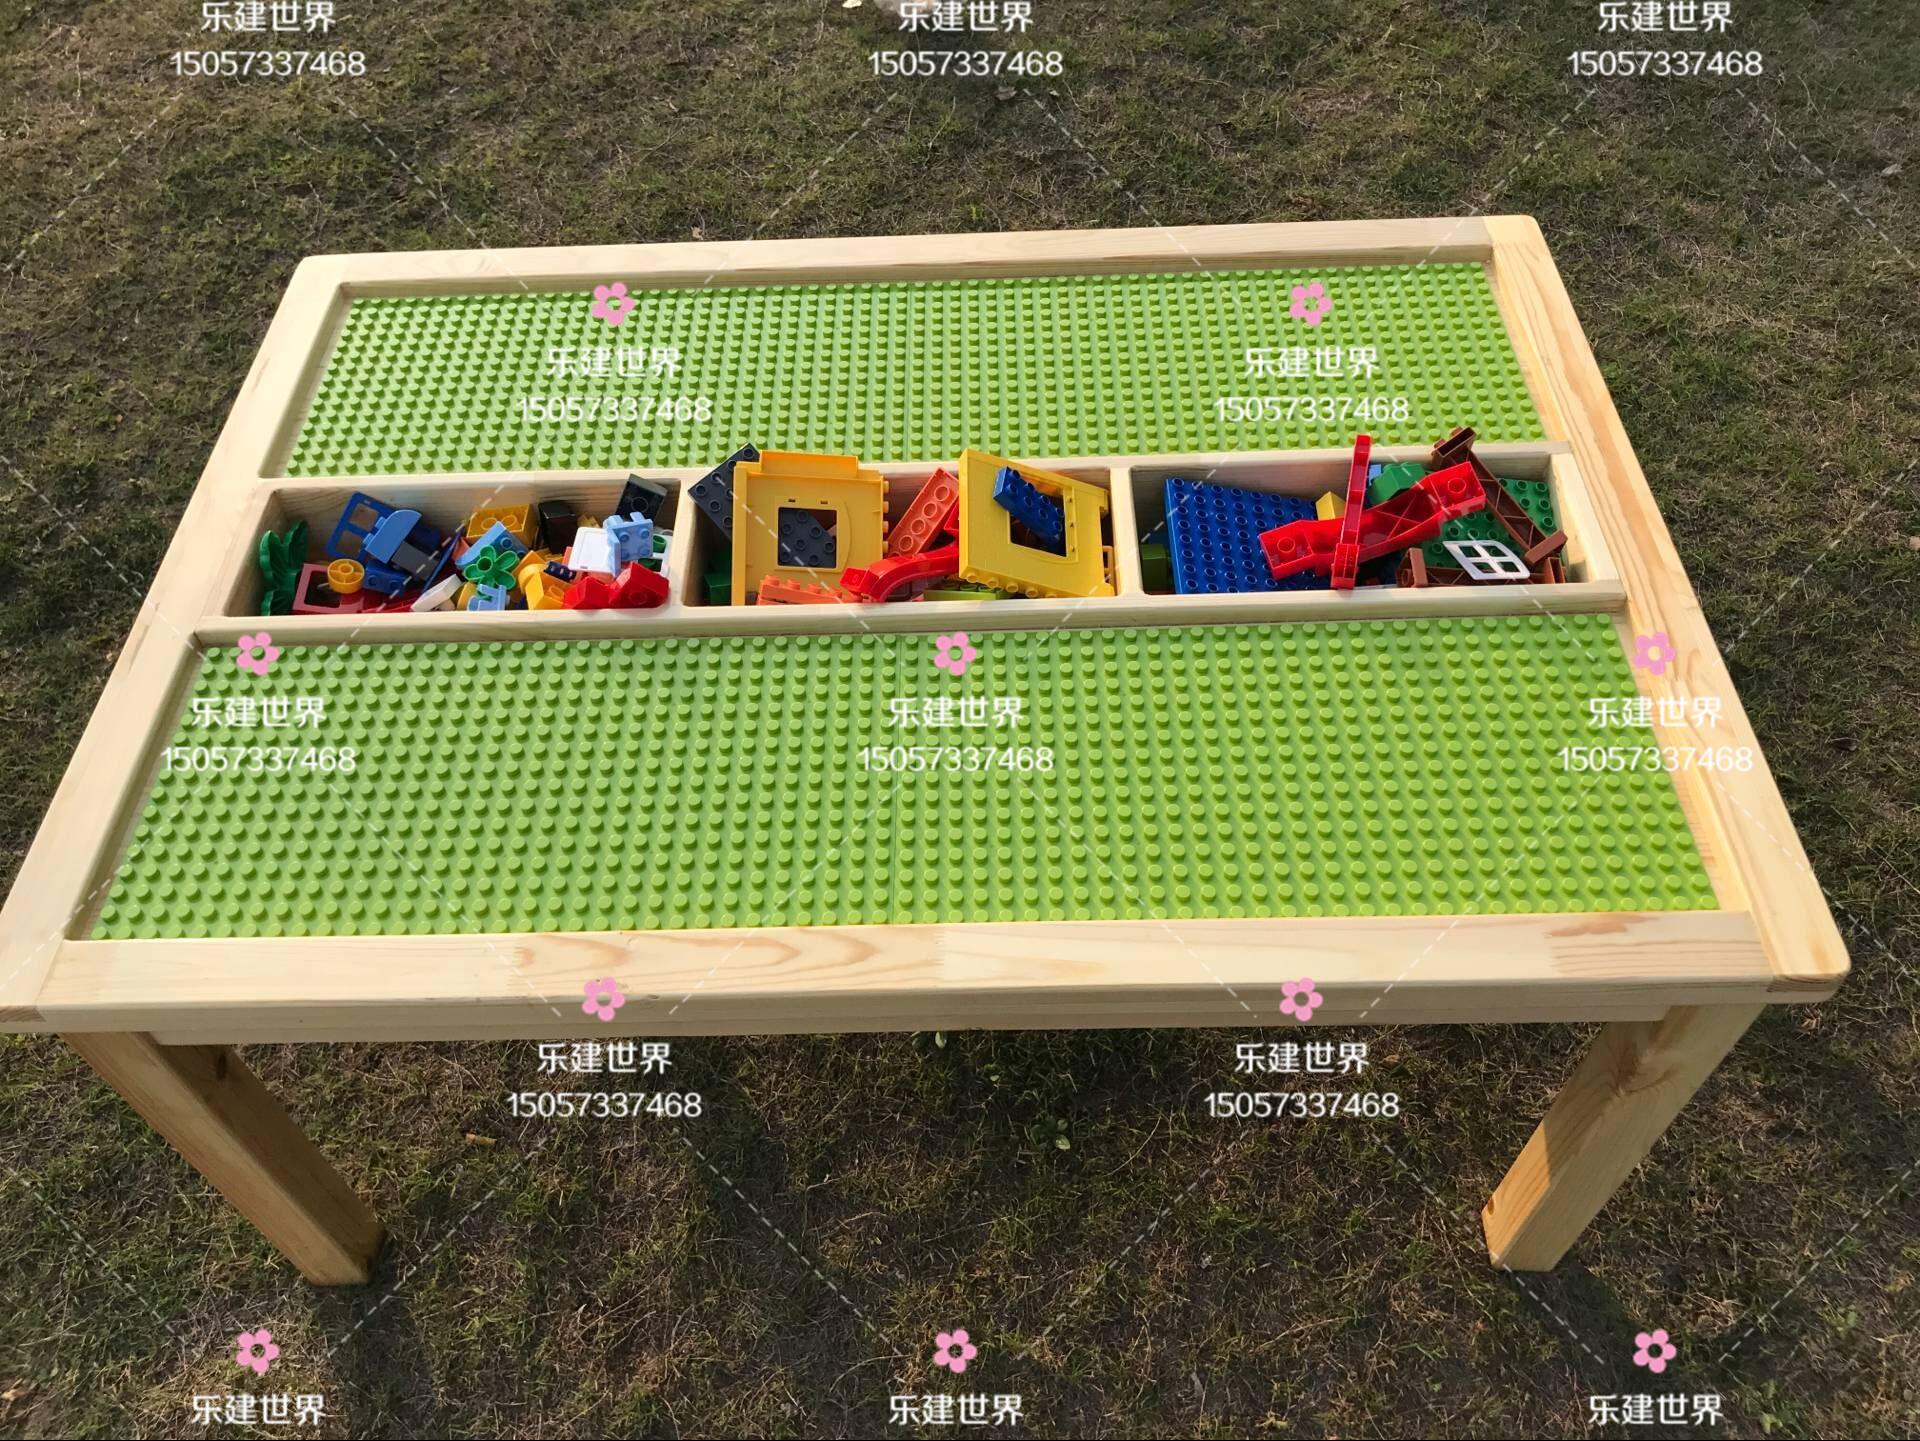 包邮幼儿园乐高积木桌儿童桌面玩具桌儿童乐园积木桌宝宝手工台